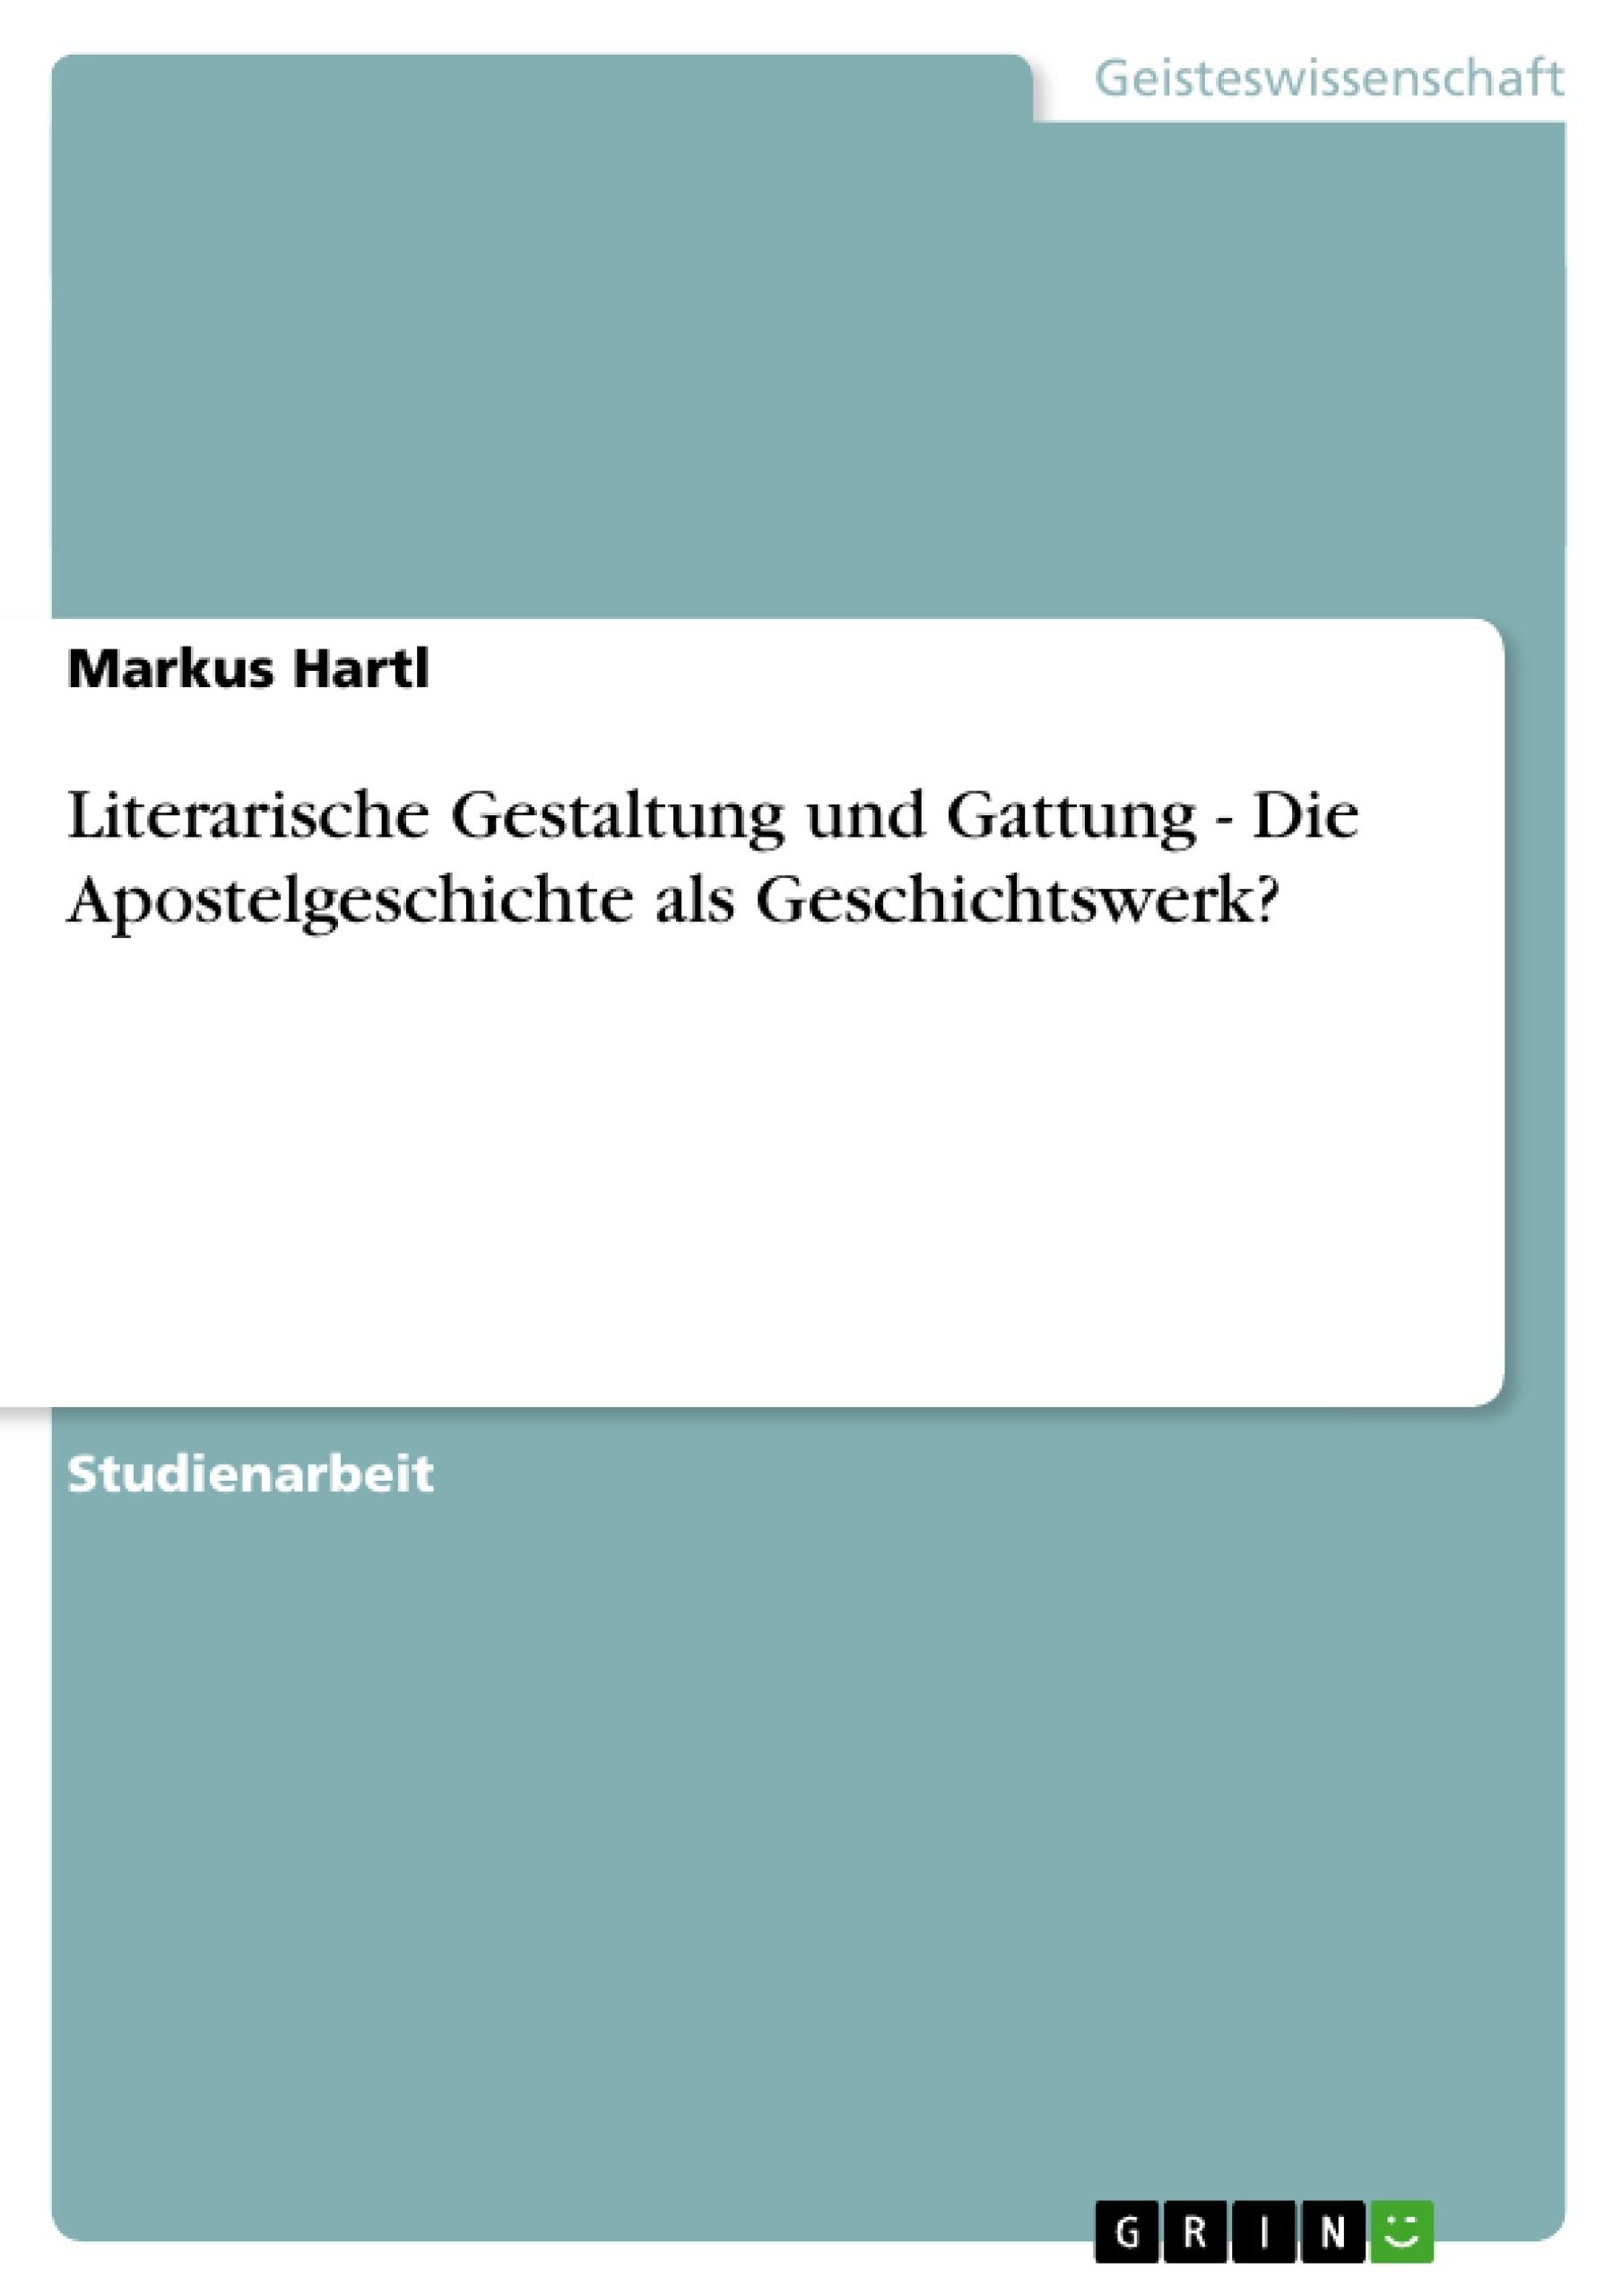 Titel: Literarische Gestaltung und Gattung - Die Apostelgeschichte als Geschichtswerk?